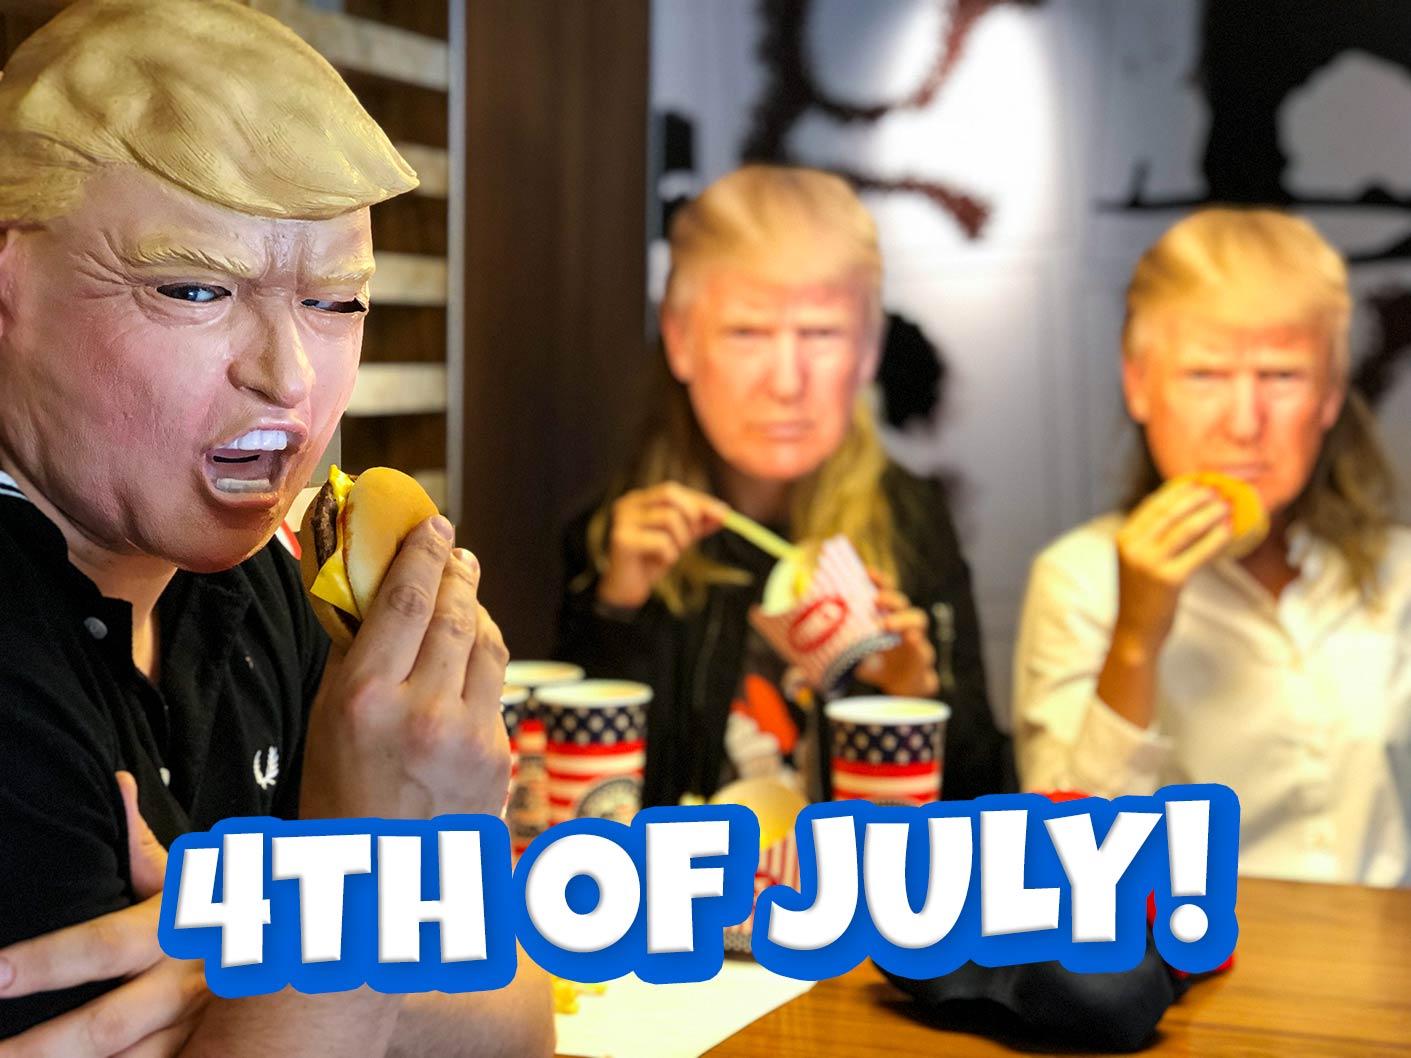 Fira den amerikanska nationaldagen, 4th of July!